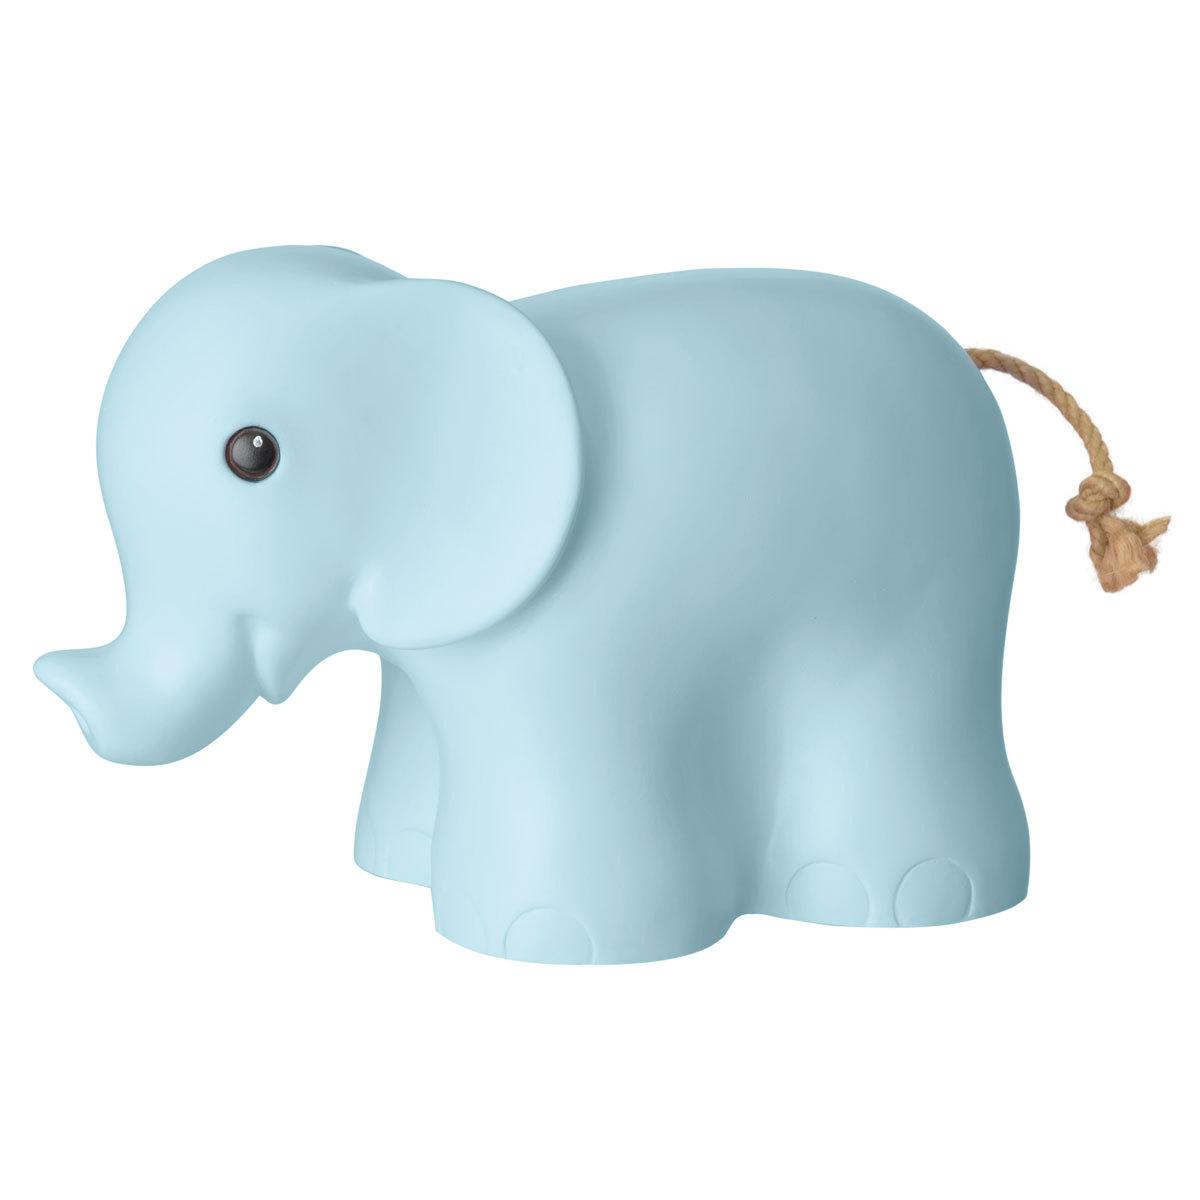 Lampe à poser Lampe Éléphant - Bleu Lampe Éléphant - Bleu